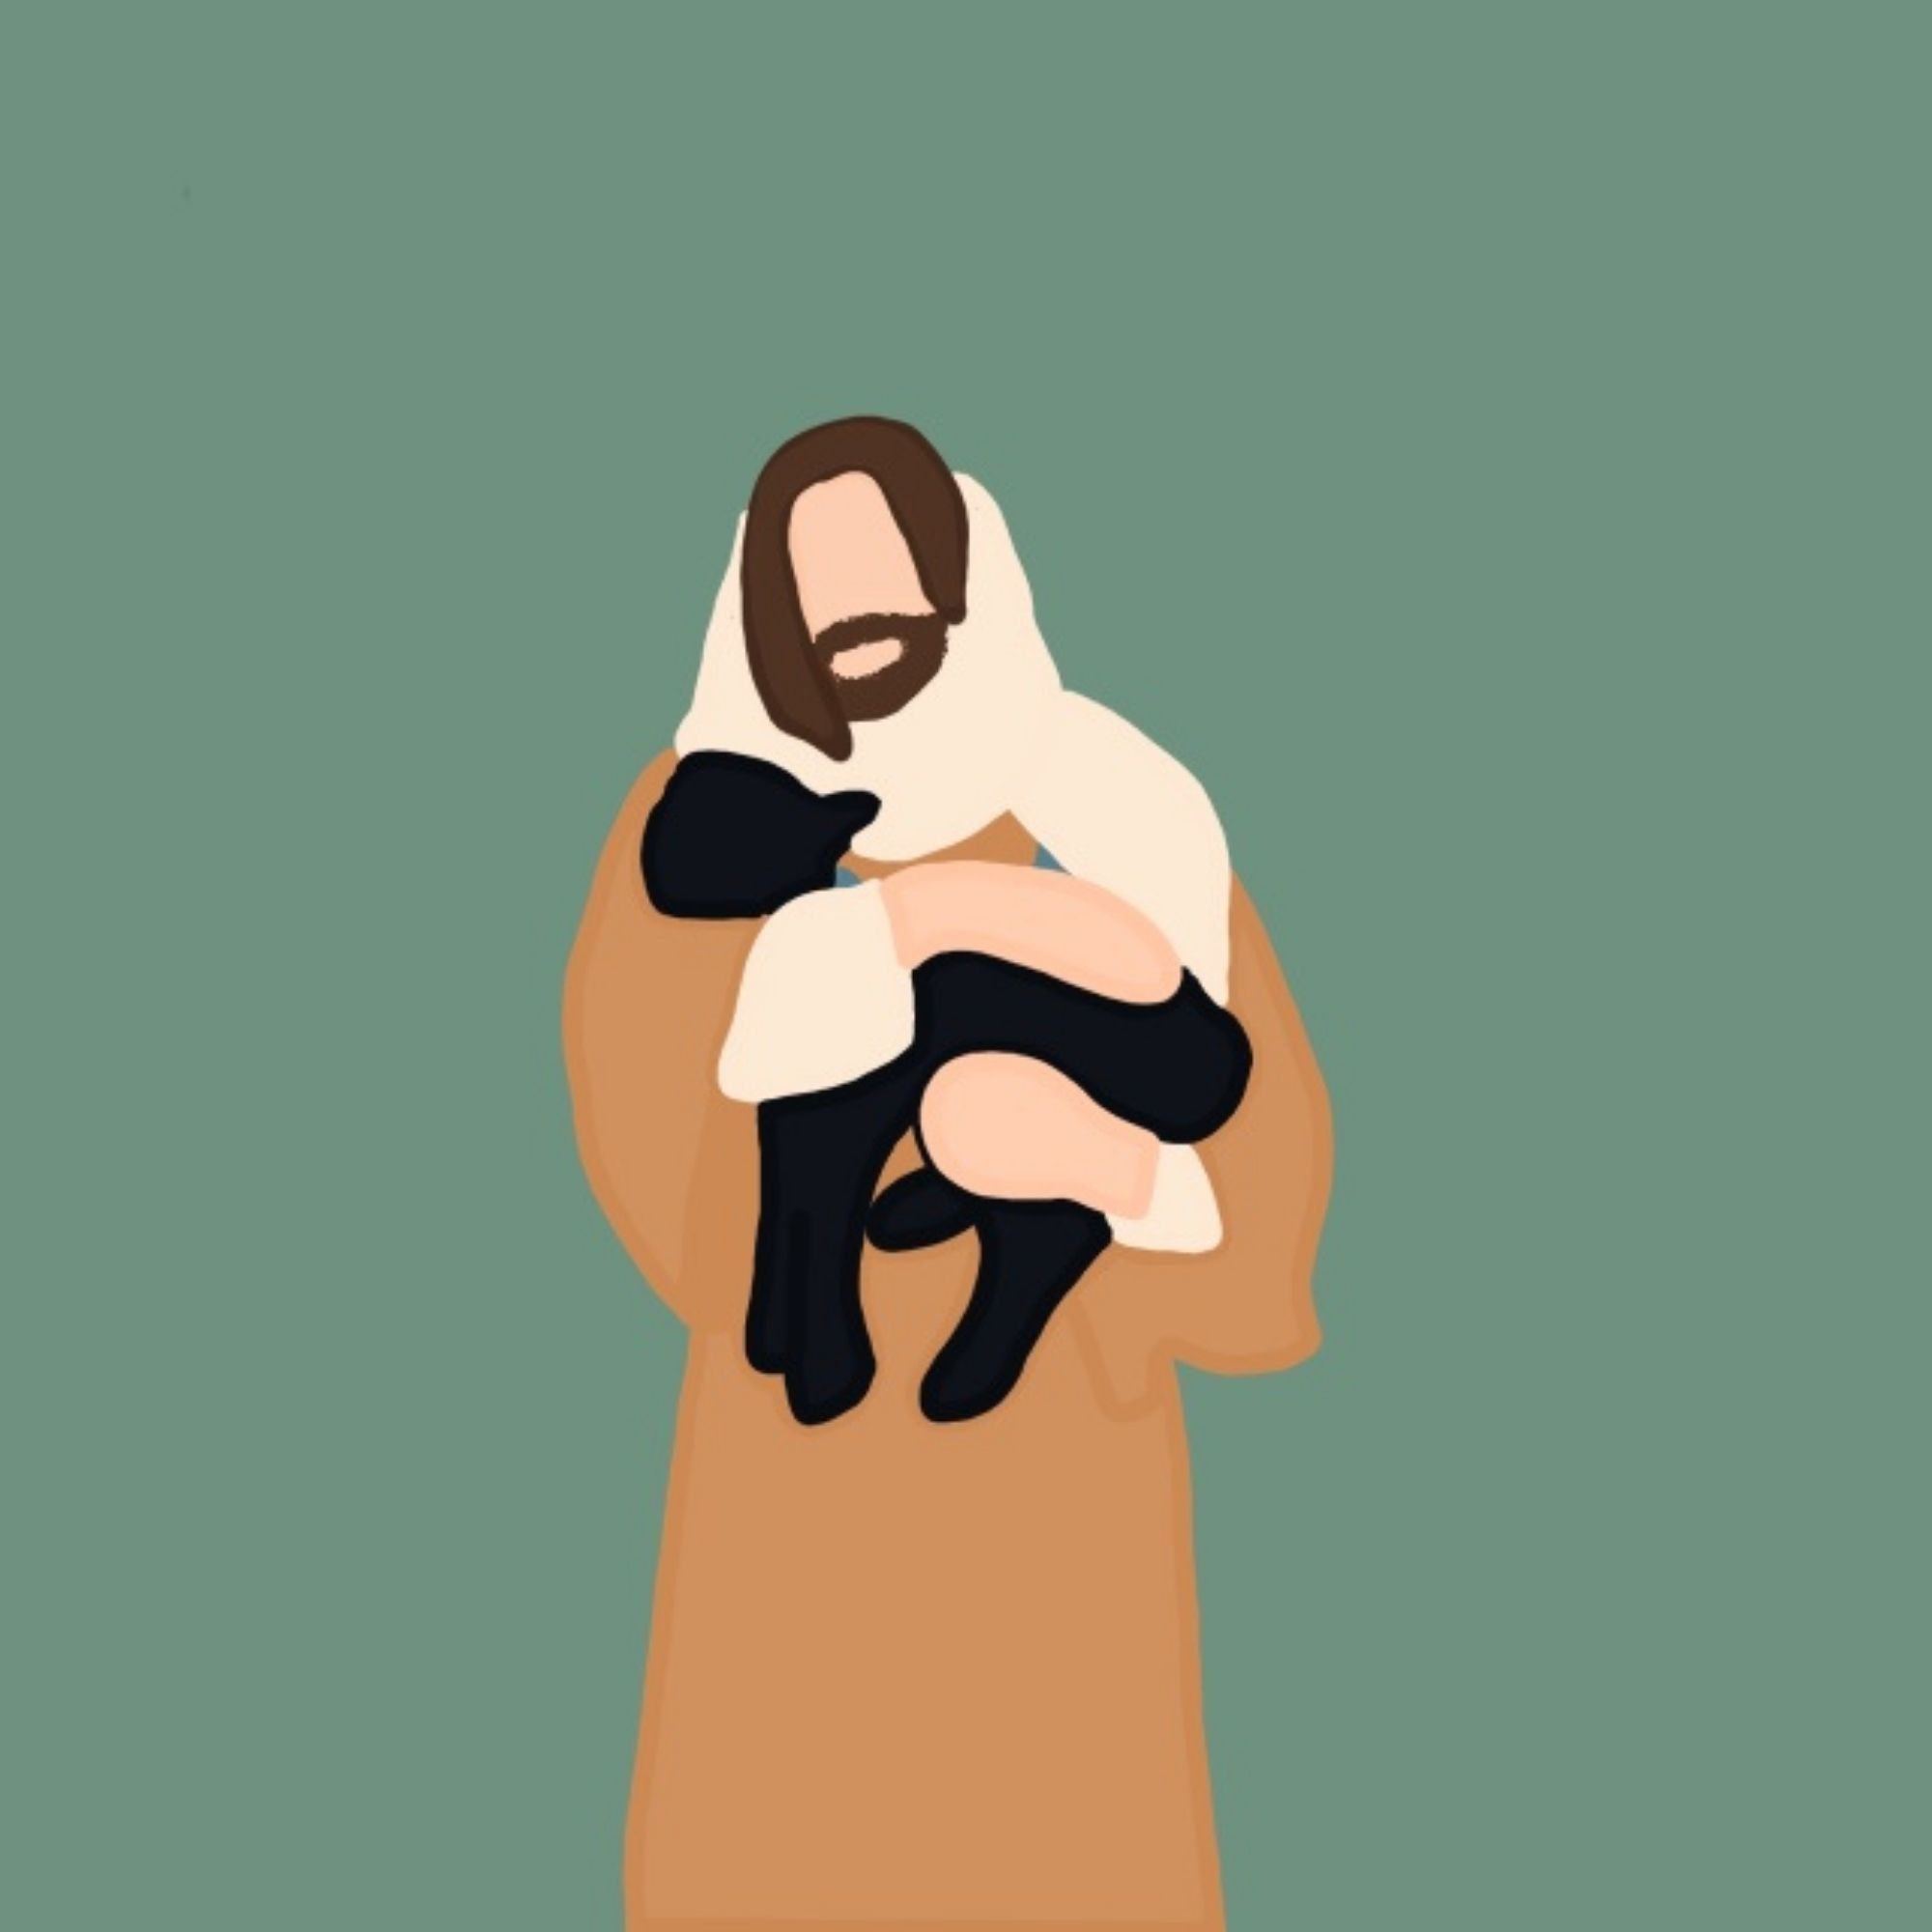 Jesus Christ Faceless Picture   Minimalistic Portrait